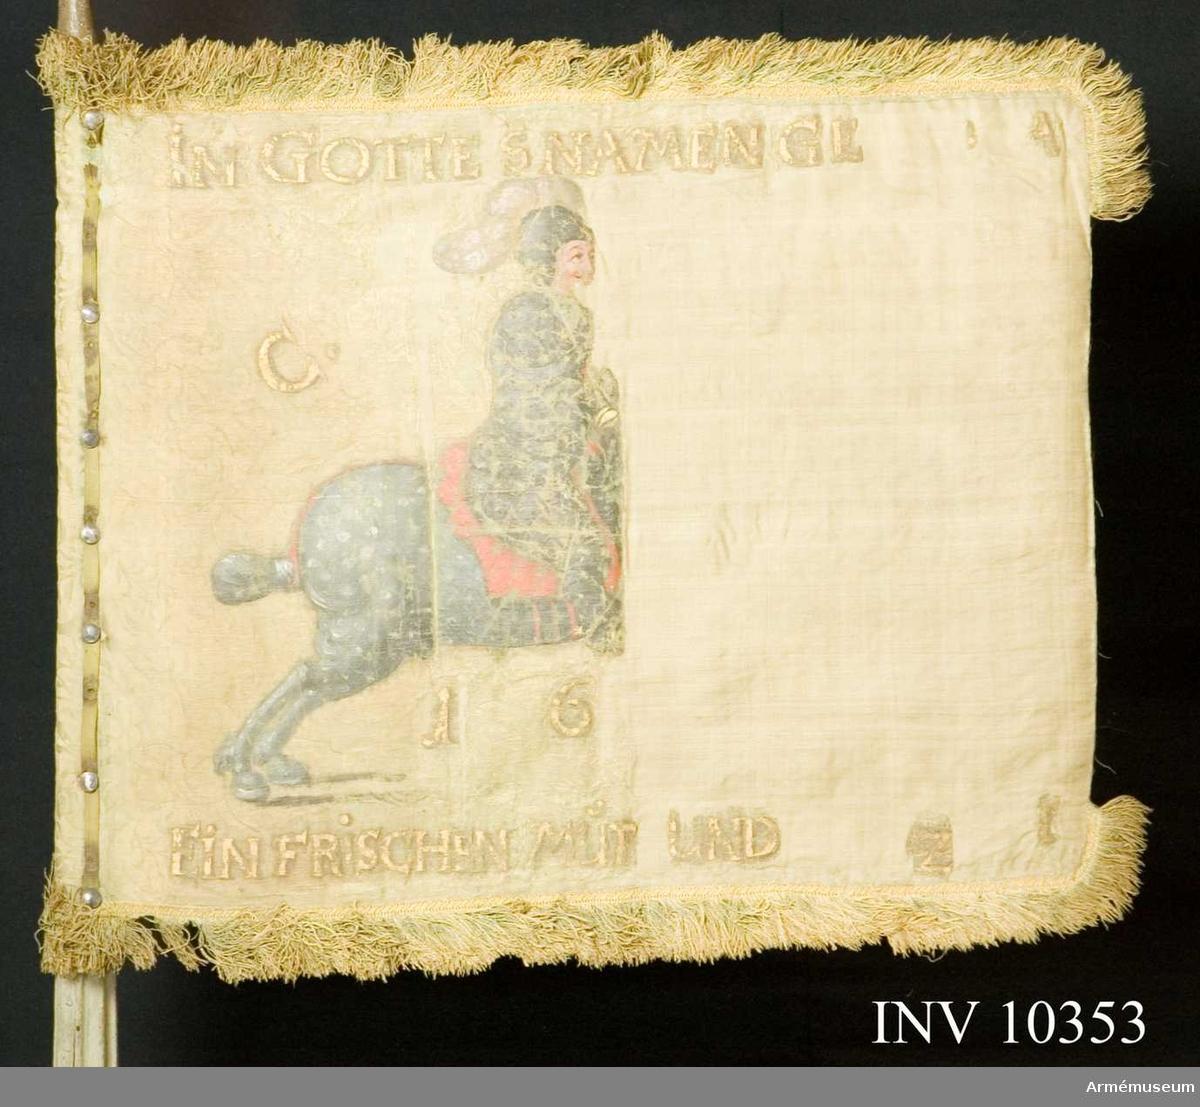 Grupp B I.  Duk av grön sidendamast, dubbel, med målade emblem. På inre  sidan: En ryttare klädd i kyrass och hjälm med uppfällt visir och röd hjälmbuske, ridande på en utåt galopperande skimmel med  röd mundering. Ryttaren avfyrar en med höger hand hållen  hjullåspistol. Inskrift i guld: i båge över ryttaren C.(R.S)  och under densamma 16(66). Längs övre kanten: IN GOTTES NAMEN  GE(.....) och längs undre kanten: EIN FRISCHEN MUT(H) UND (......)Z(..). På yttre sidan: Samma ryttare, dock sedd från motsatt sida samt inskrift i guld: C.R.S i båge över ryttaren  och 1666 under densamma. Längs övre kanten: AUF GOTT HOFFE ICH  och längs den nedre: DAS GLÜCK ERFREÜE MICH. Kantad med grön  frans 5 cm bred samt fäst med förtenta järnspikar på grönt  sidenband.Stång av furu, målad gråvit. Räfflad såväl ovan som nedan handgreppet. Försedd med löpande bärring på stång av järn. Förstärkt med tre järnskenor inlagda i räfflorna. Längd: från spetsen till dukens nederkant 0,53 m, till handgreppet 2,0 m, handgreppets längd 0,14 m och total 2,78 m.Spets av järn, förgylld. Blad och holk i ett stycke. Bladet enkelt med genombrutet spegelmonogram C. Holken upptill med en  kulformig vulst. Fäst med två stycken 8 cm långa skenor. Längd 0,24 m därav holk 0,09 m.Tillstånd: Duken blekt och trasig, yttre kanten med frans  saknas, de målade emblemen starkt skörade och delvis borta. Konserverad och kompletterad med färgat råsiden, delvis insydd i crepelin. Stångens klack saknas. Beskrivning enligt Cederström.